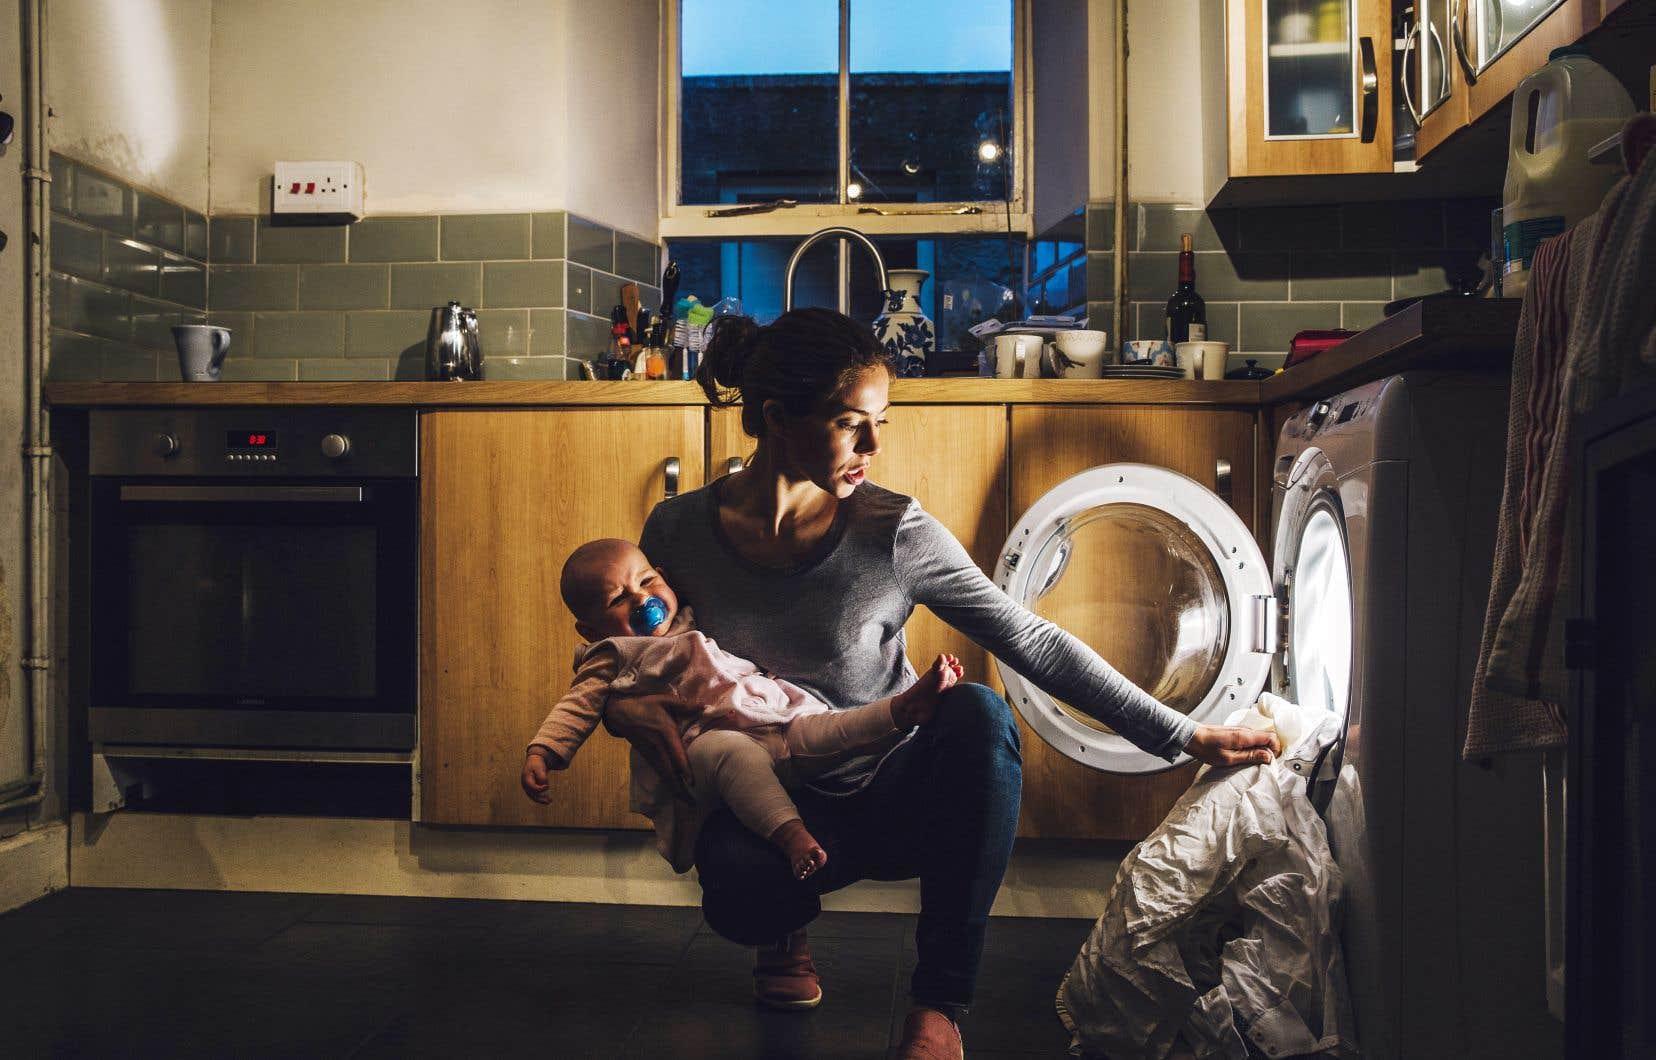 «Ce qui se passe avec l'arrivée d'un enfant, c'est que les inégalités dans la répartition des tâches augmentent encore plus», assure Laurence Charton, sociologue à l'Institut national de la recherche scientifique.